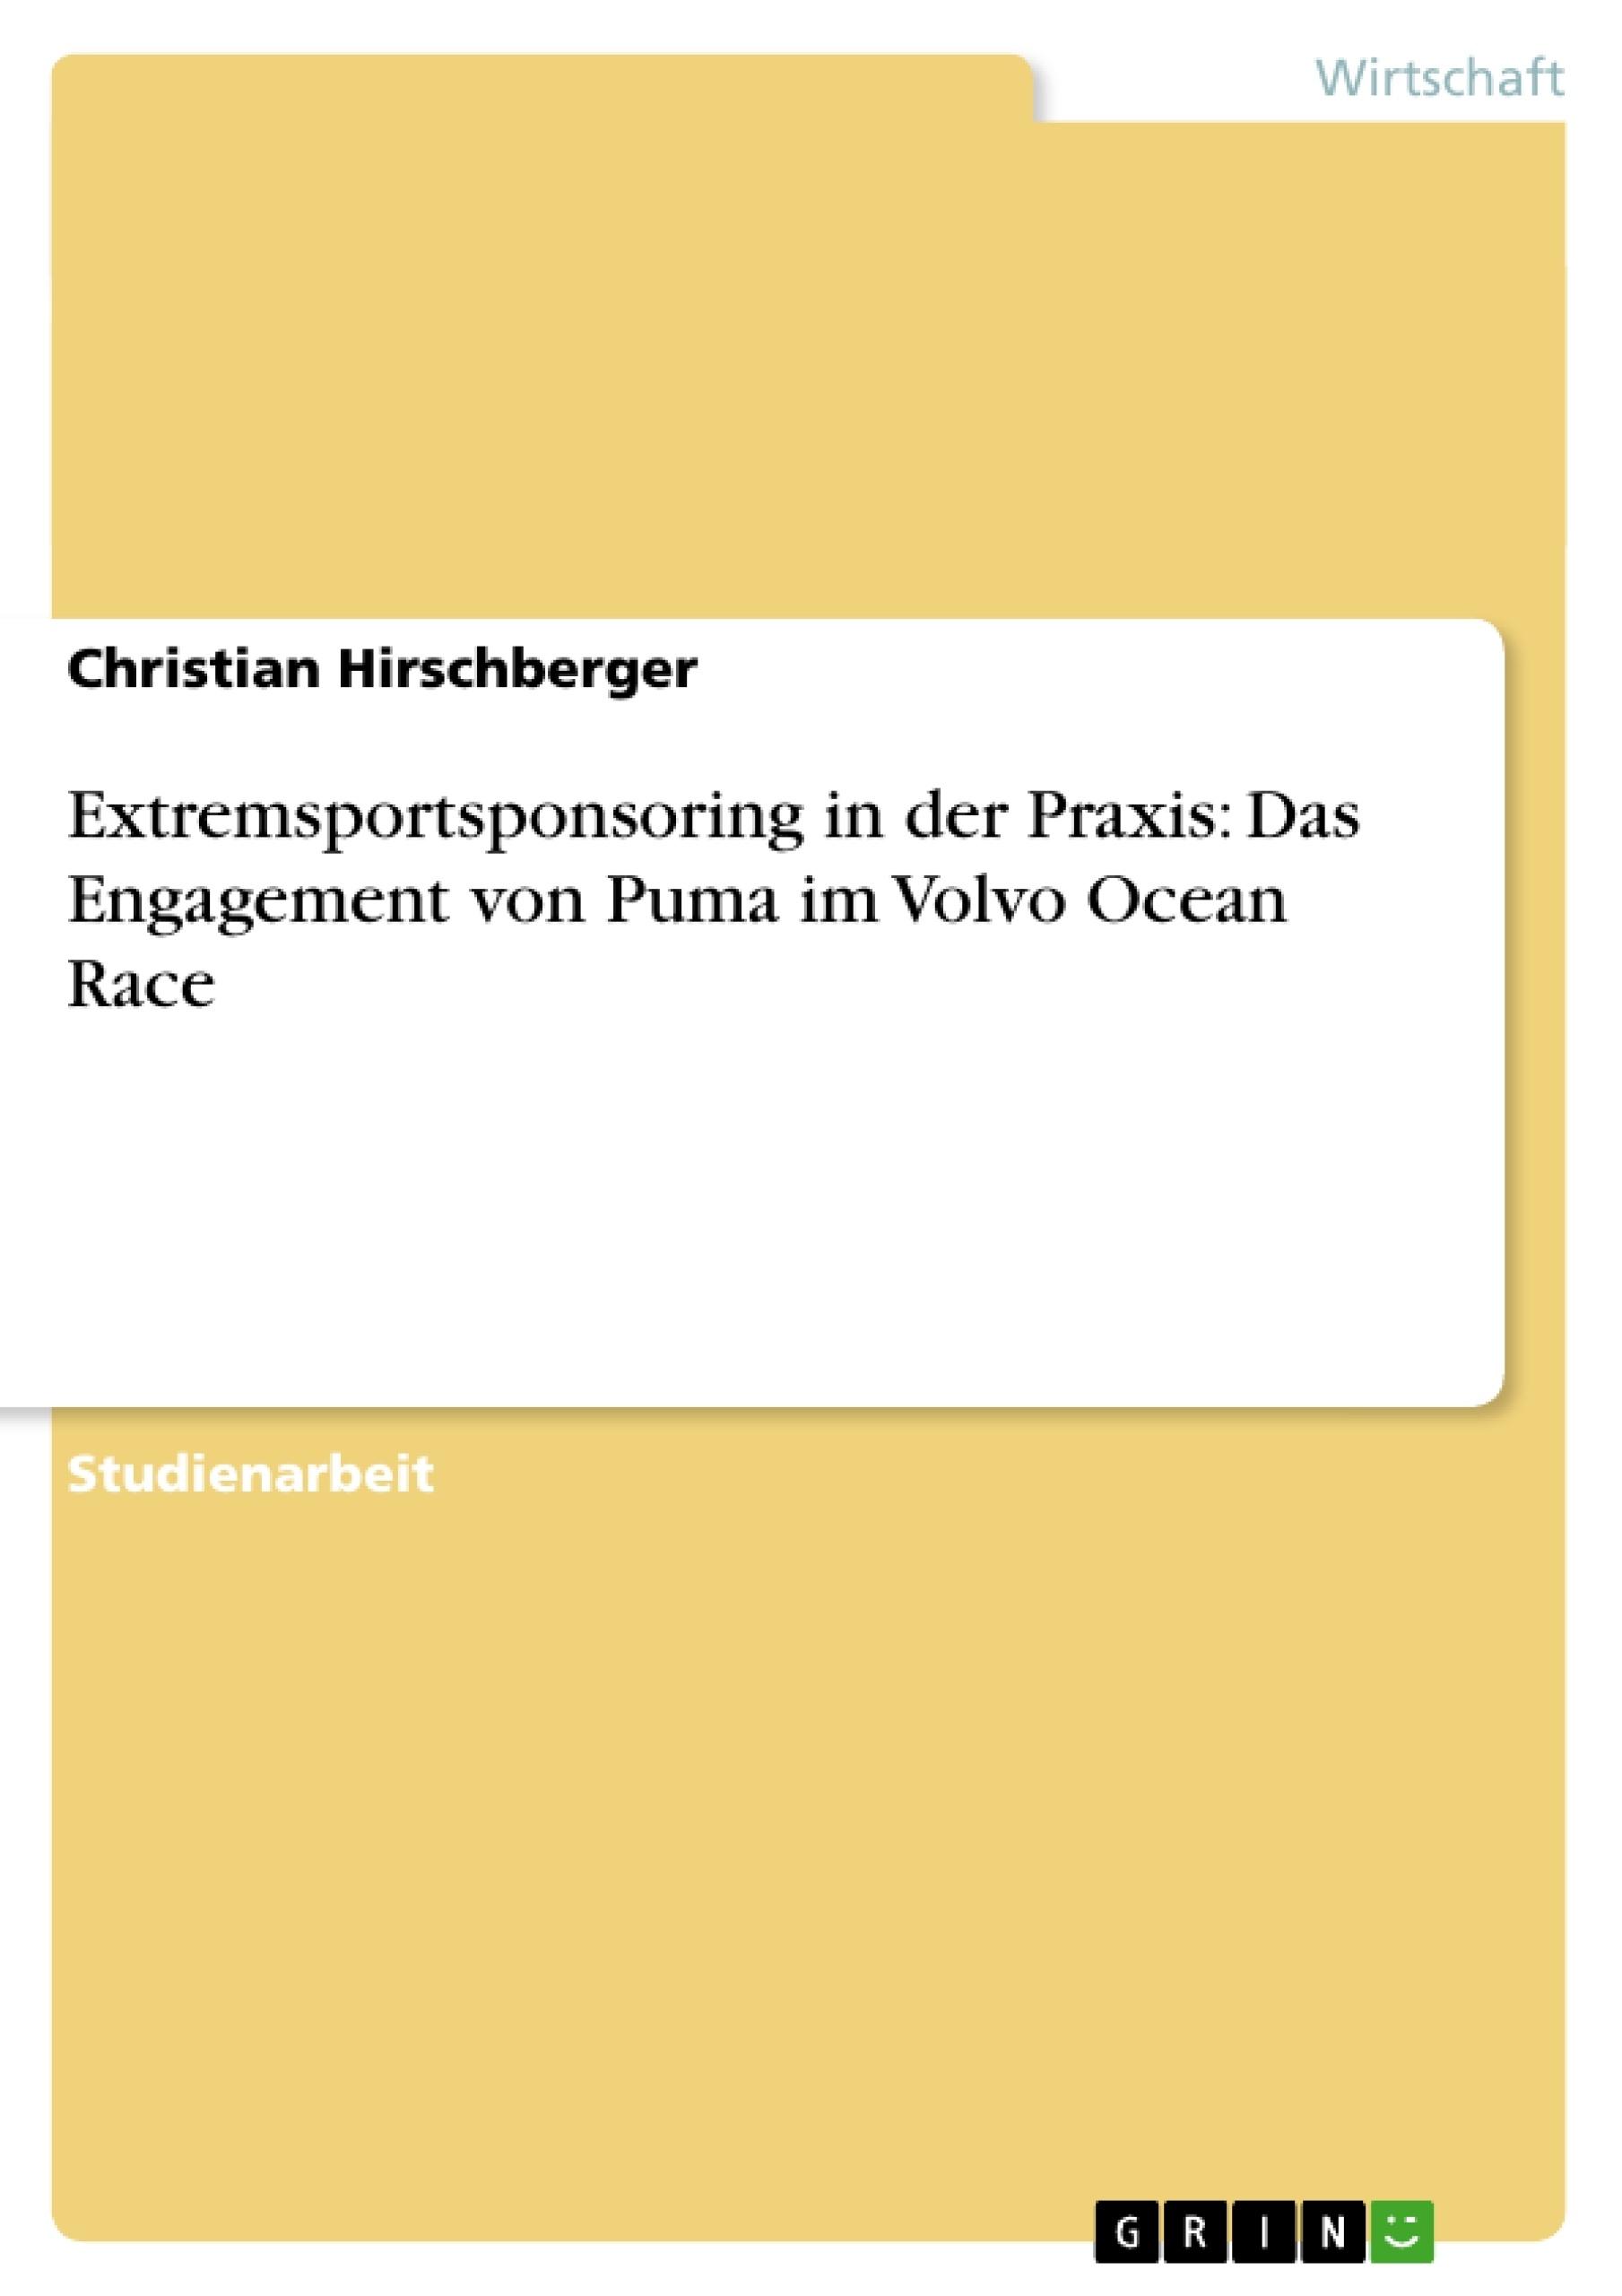 Titel: Extremsportsponsoring in der Praxis: Das Engagement von Puma im Volvo Ocean Race